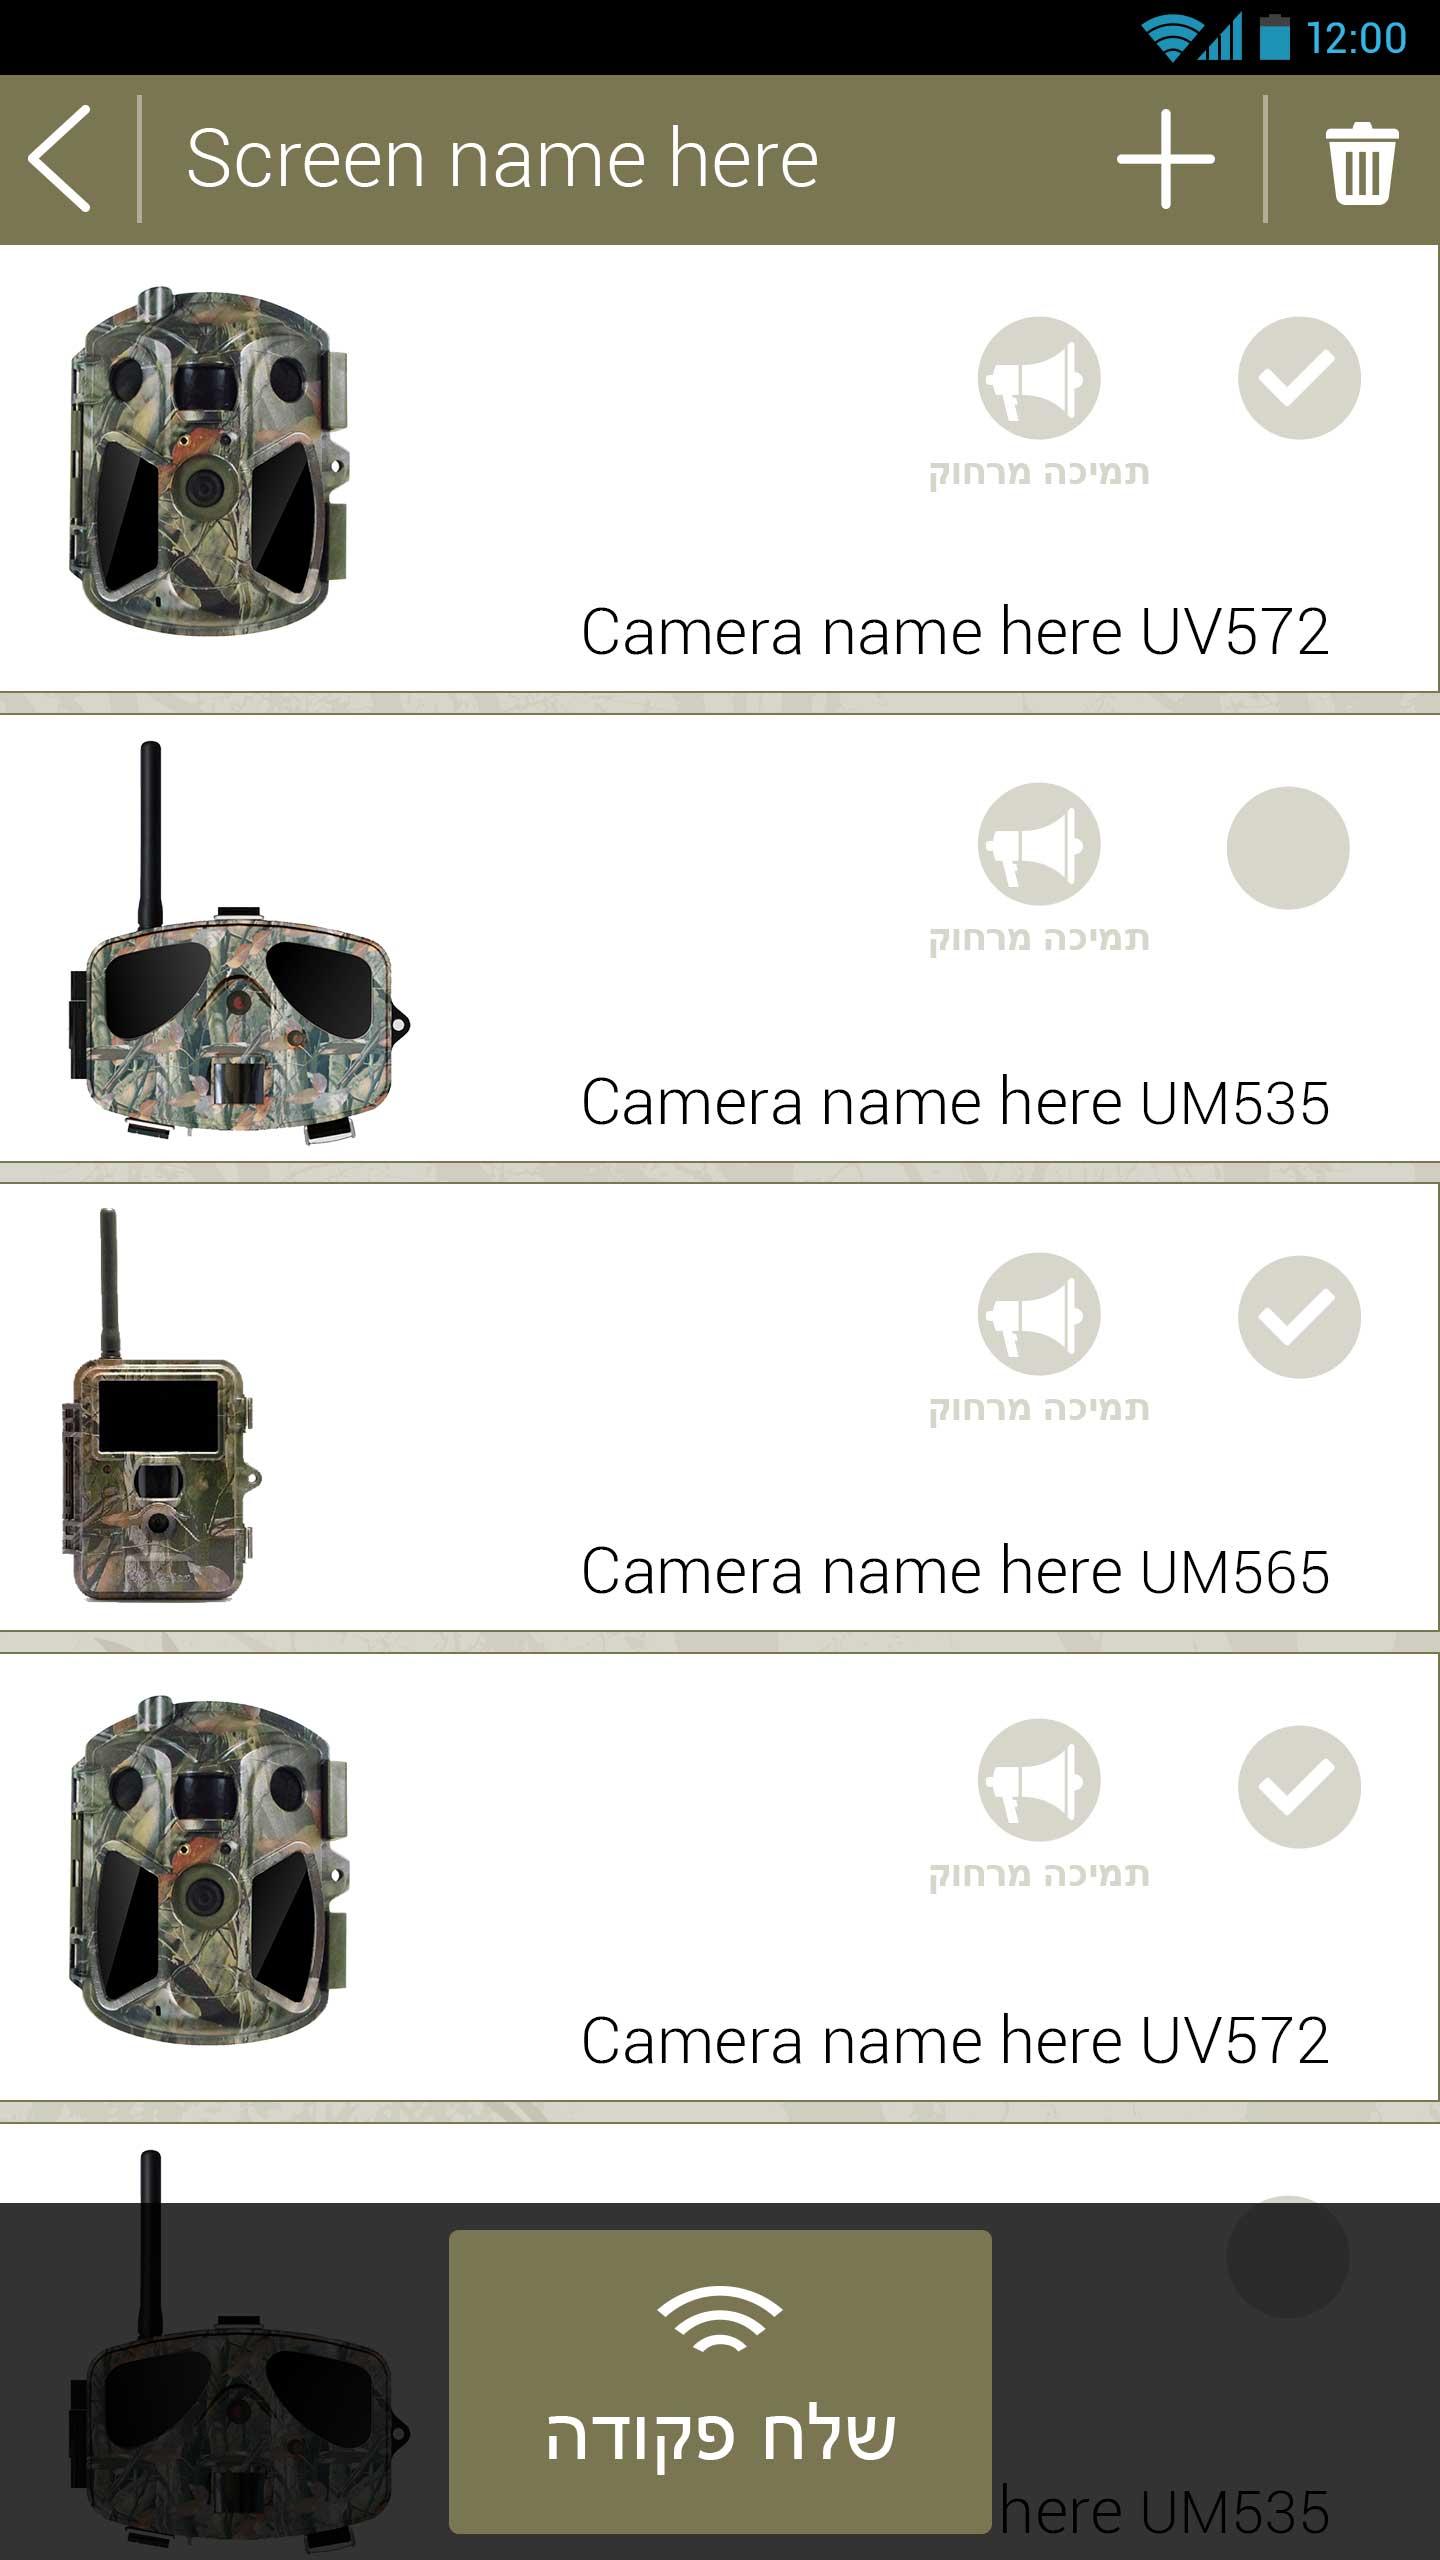 3_cameras